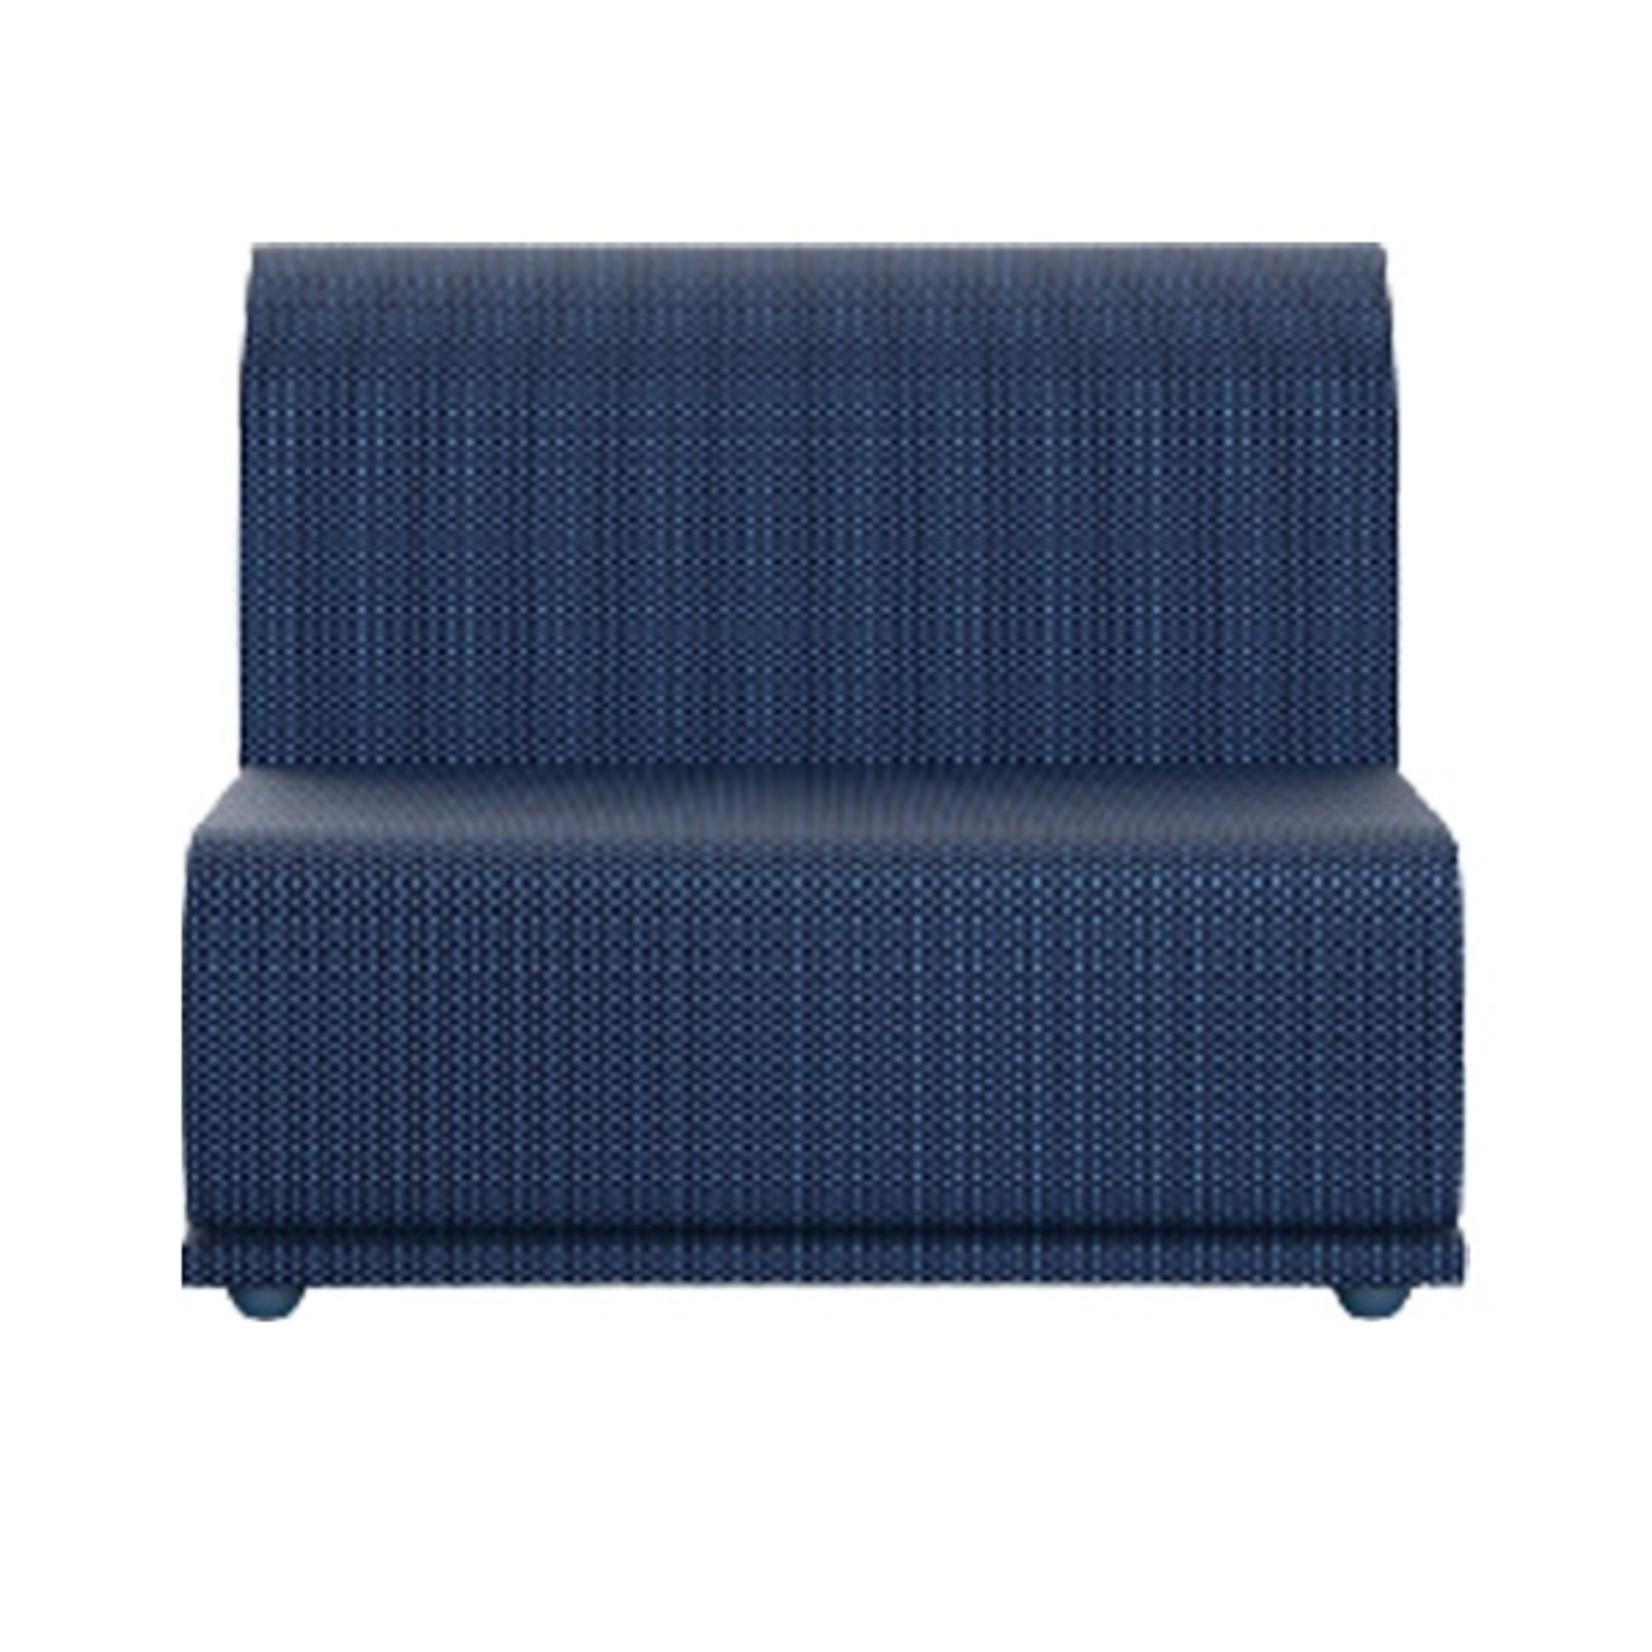 Vondom Suave Sofa armless section